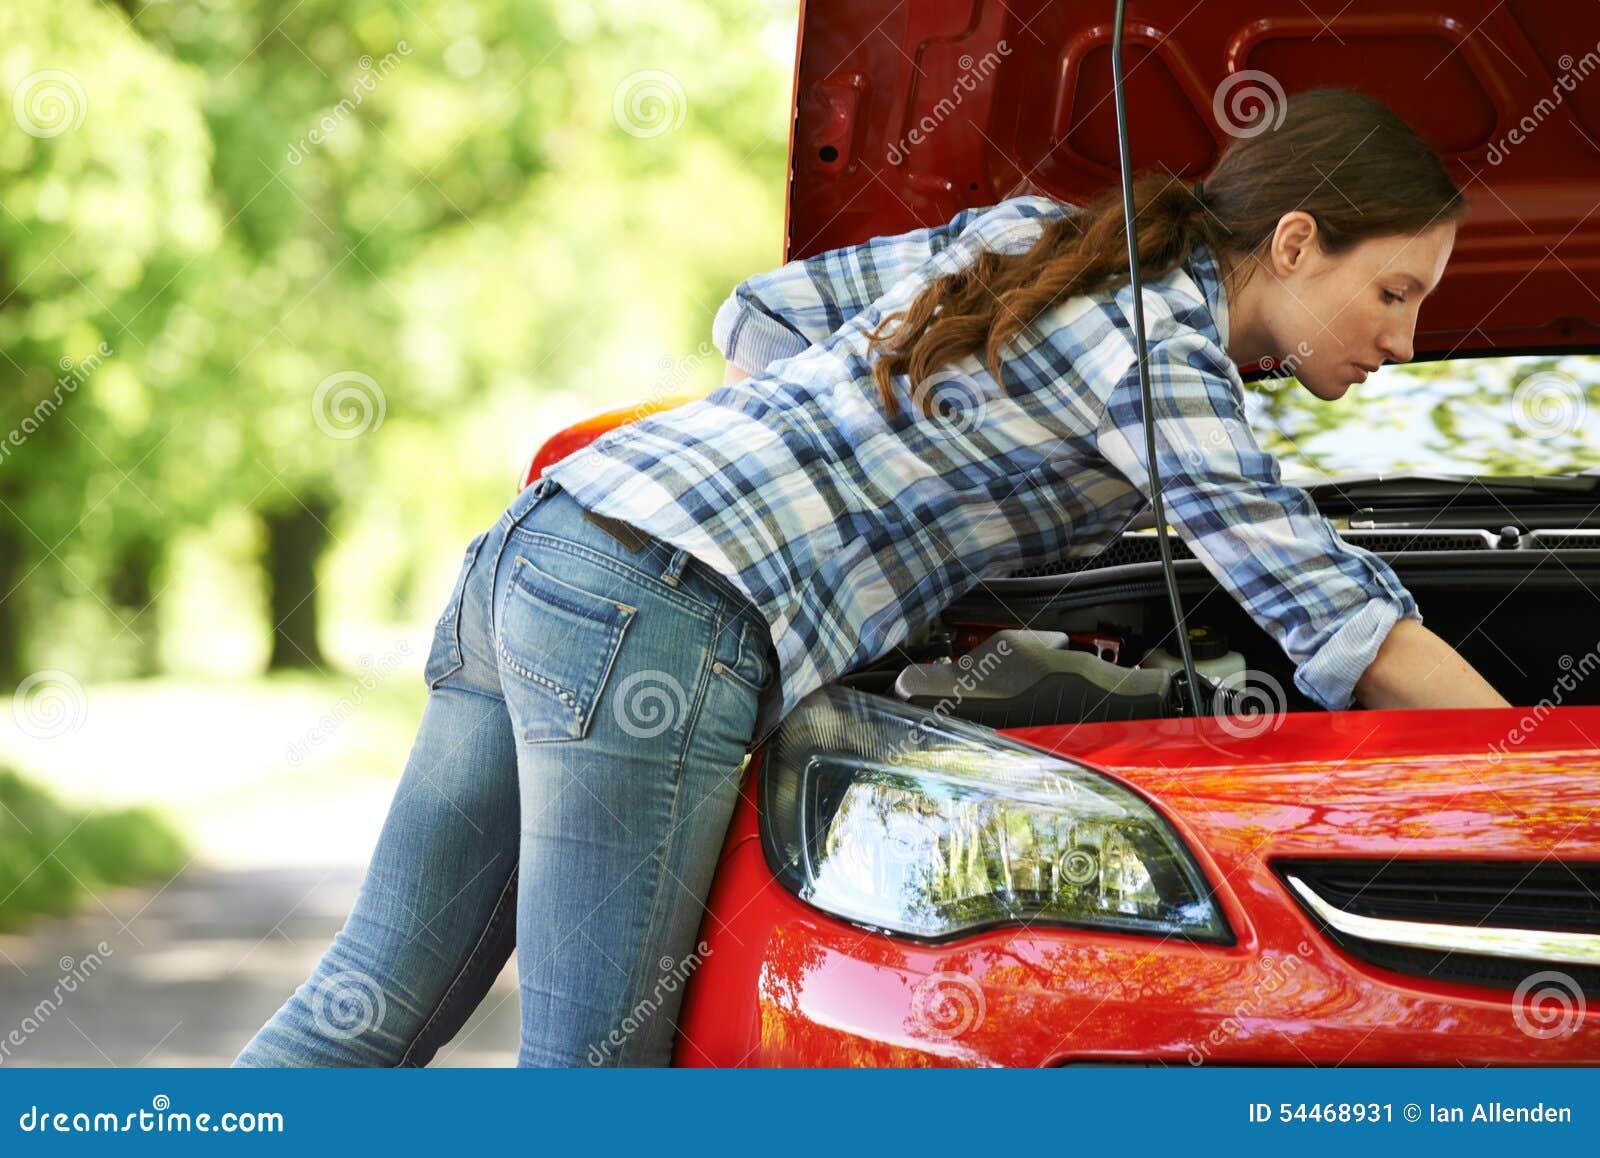 Bruten ner kvinnlig chaufför Looking Under Hood Of Car